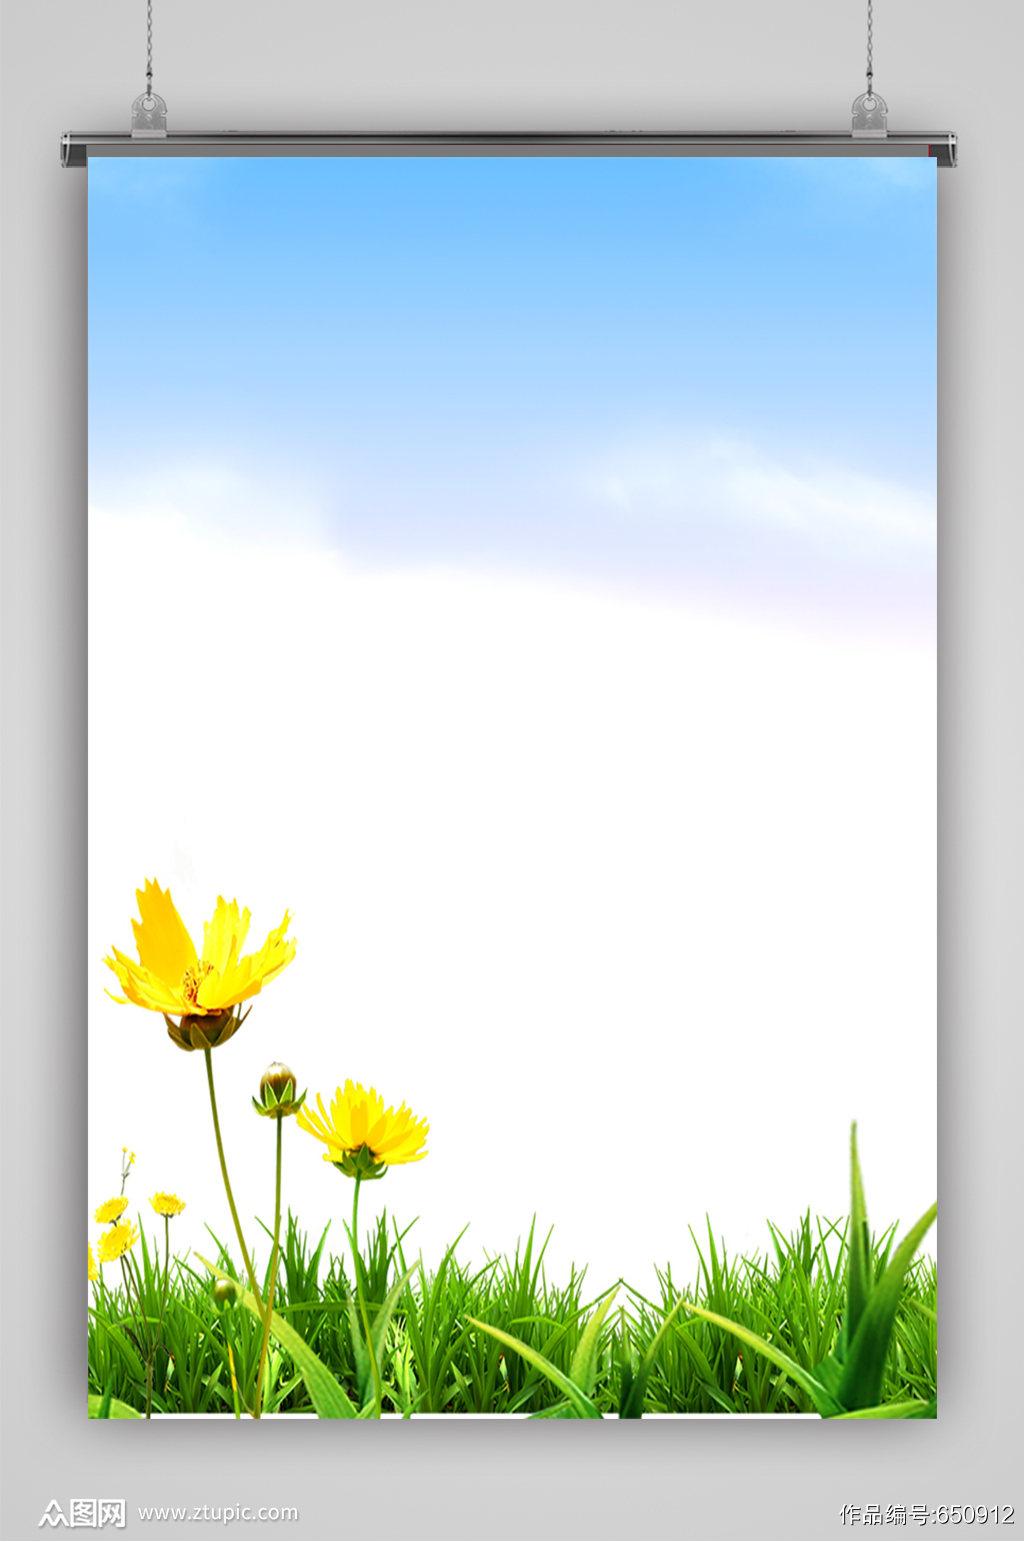 白云蓝天草地简洁背景素材